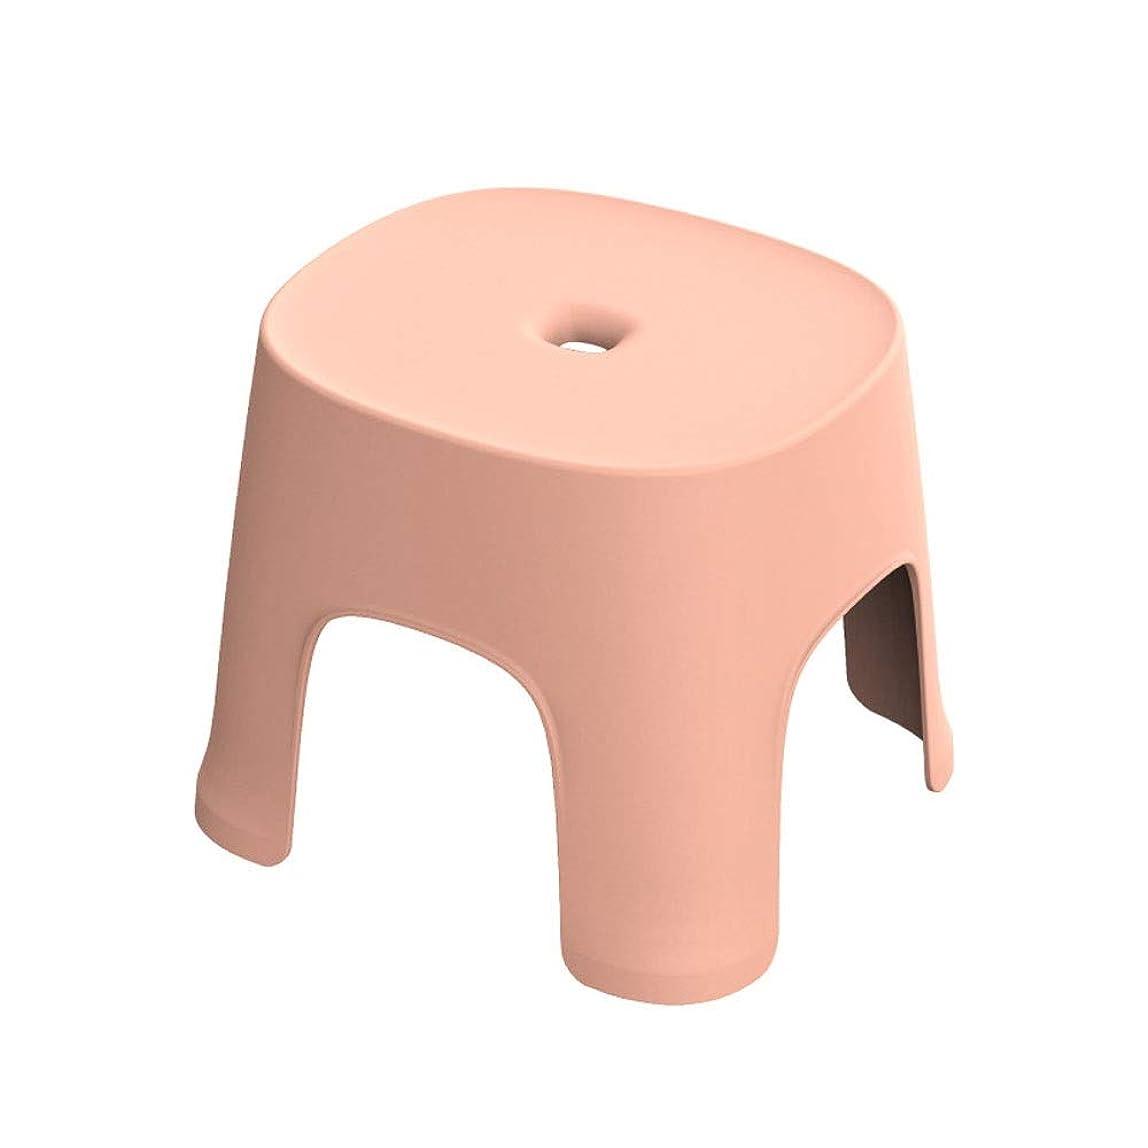 アルミニウムミッション通貨LMCYP 四脚プラスチックスクエアスツール、シンプルな家の小さな椅子、大人の子供用バスルームのシャワースツール、ラウンドチェンジシューベンチ、コーヒーテーブルベンチ (色 : ピンク)